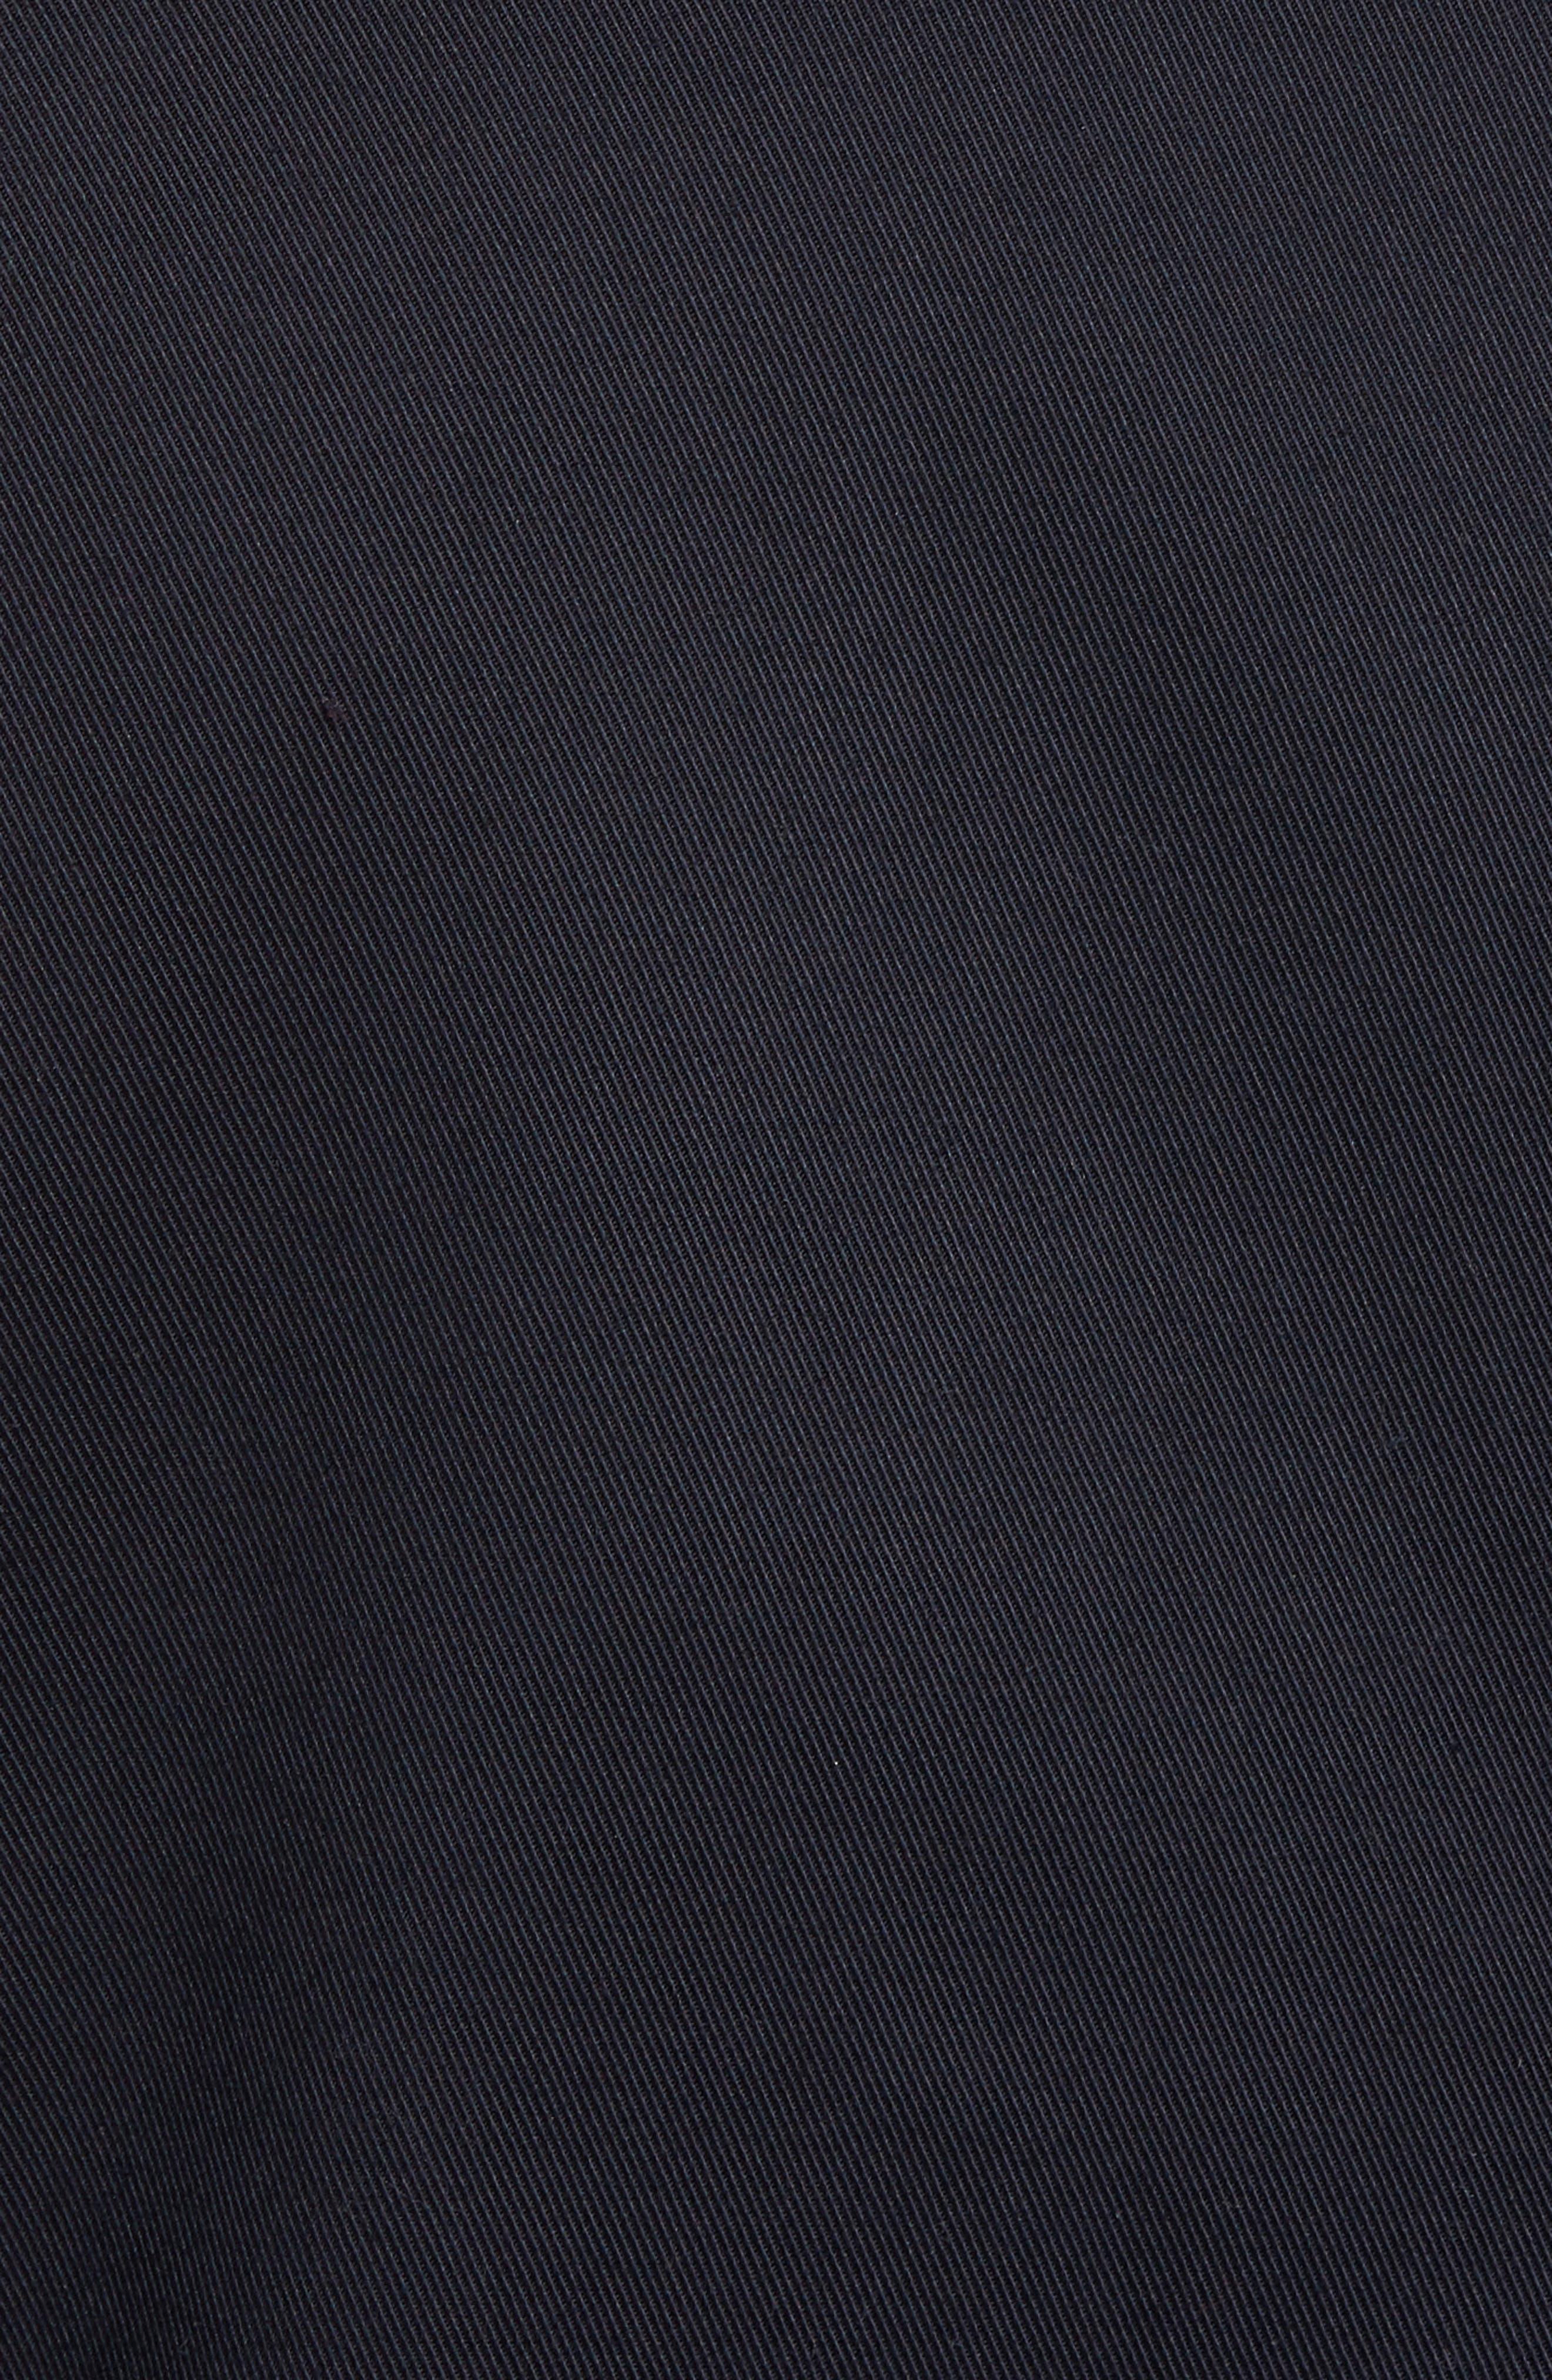 Grayson Stretch Cotton Blend Car Coat,                             Alternate thumbnail 6, color,